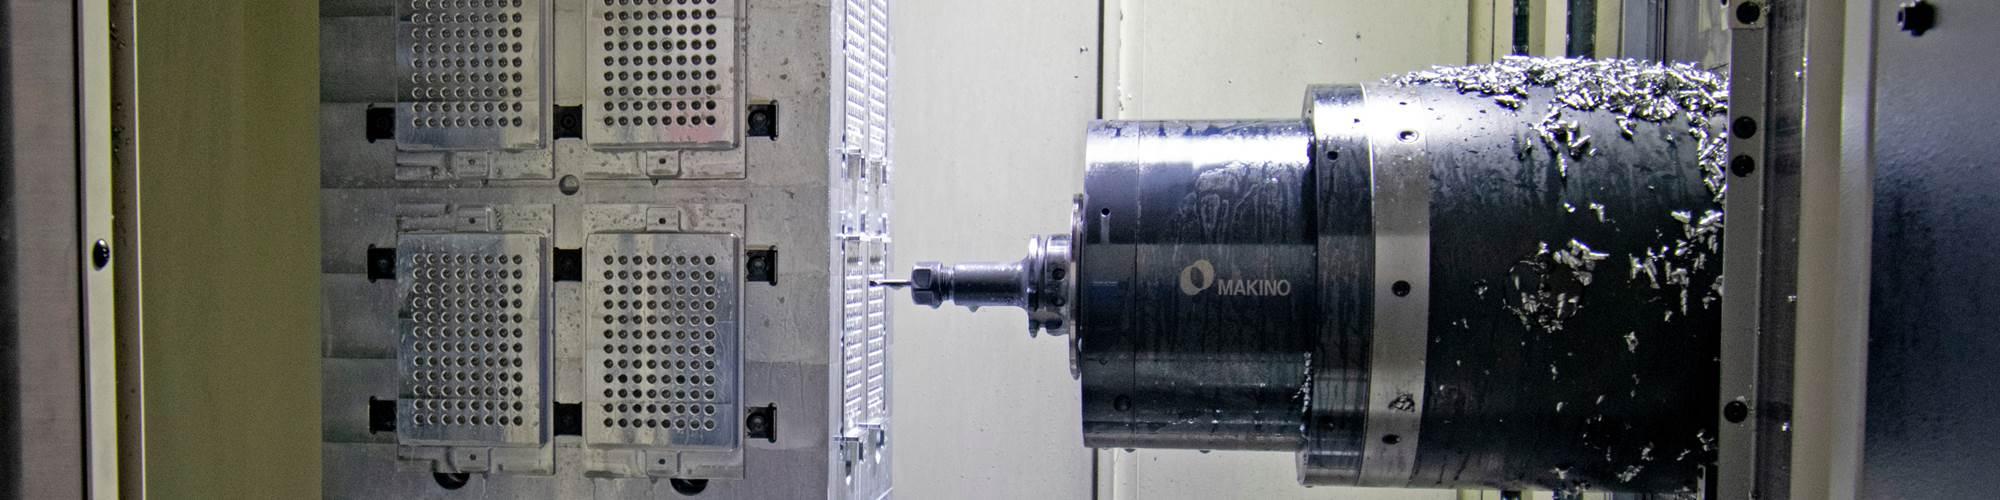 Los Makino de cinco ejes acomodan alistamientos, tanto de una sola pieza como de tombstones montados en pallets que caracterizan muchos alistamientos de máquinas horizontales.